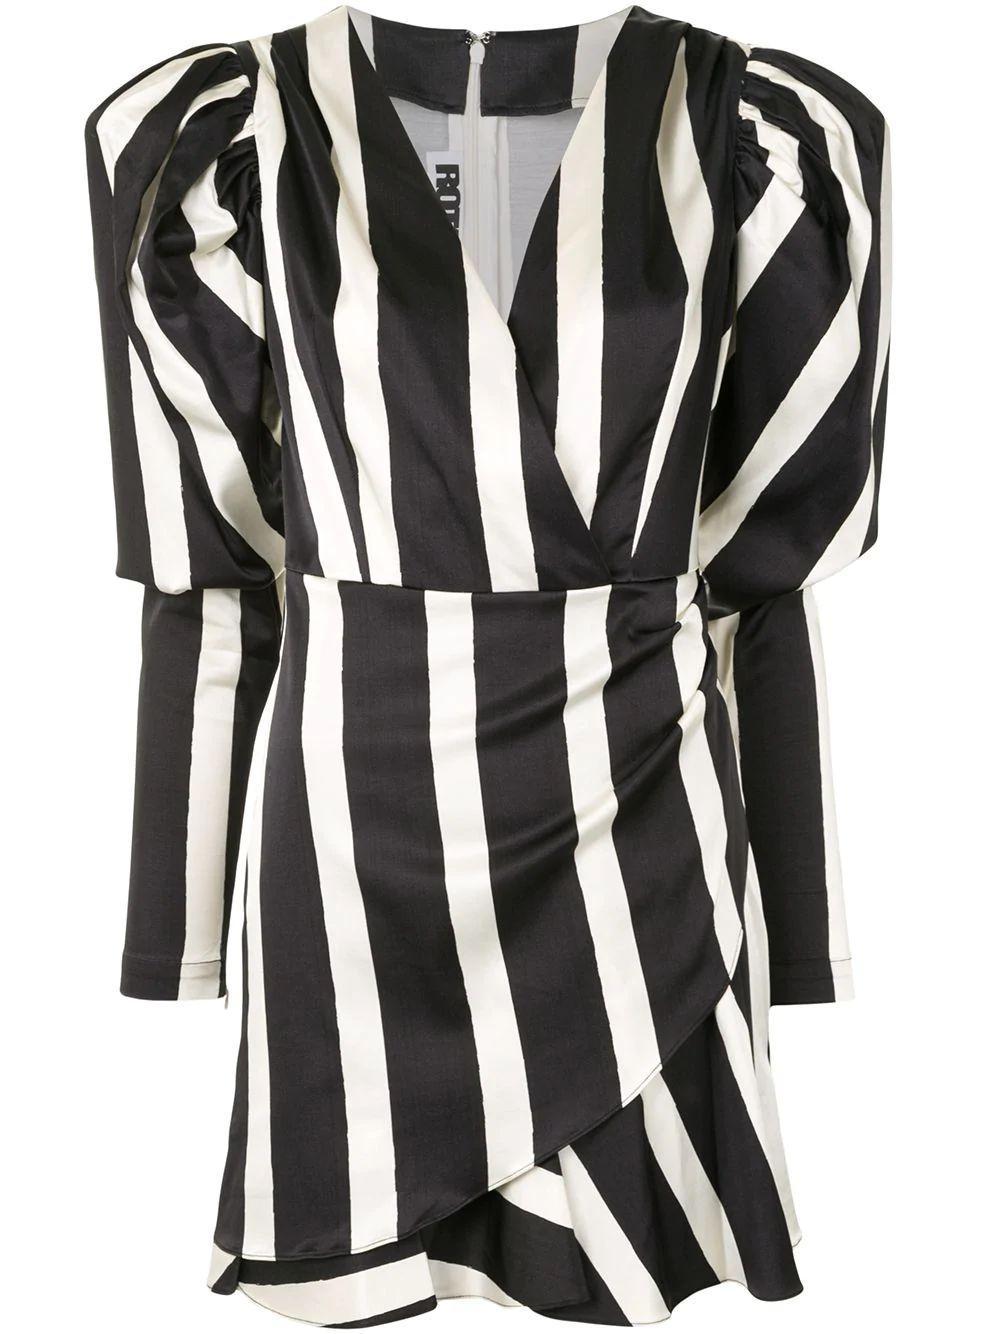 Aiken Striped Dress Item # 901268